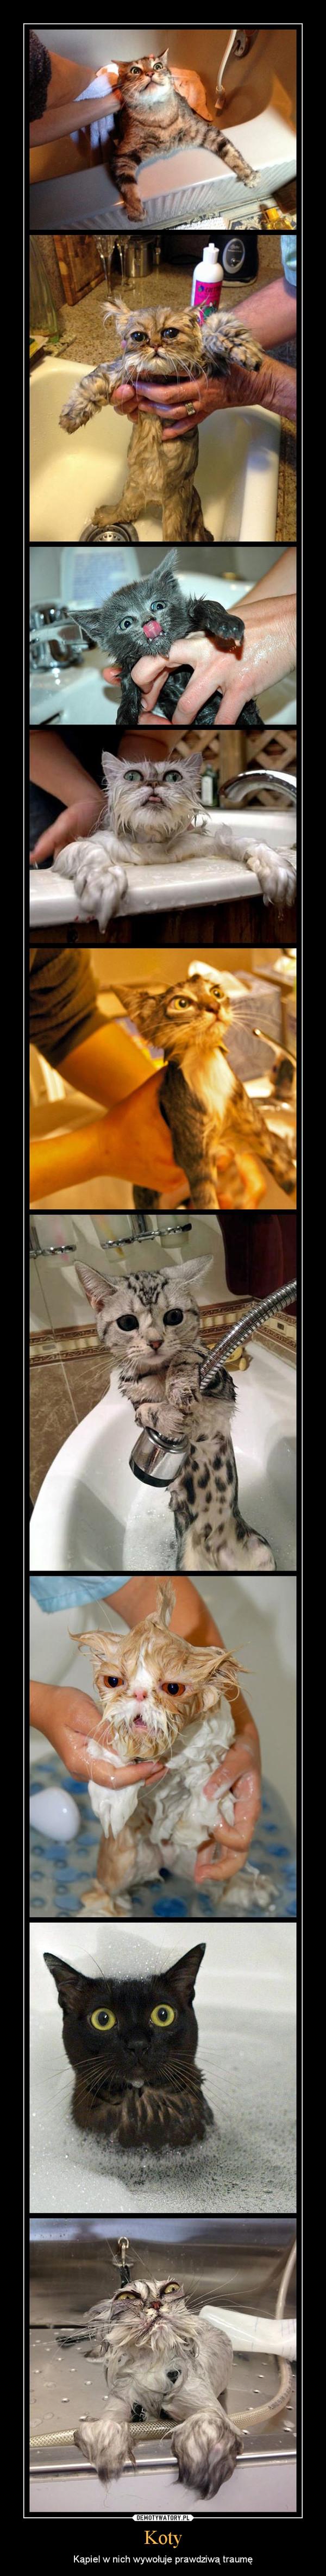 Koty – Kąpiel w nich wywołuje prawdziwą traumę